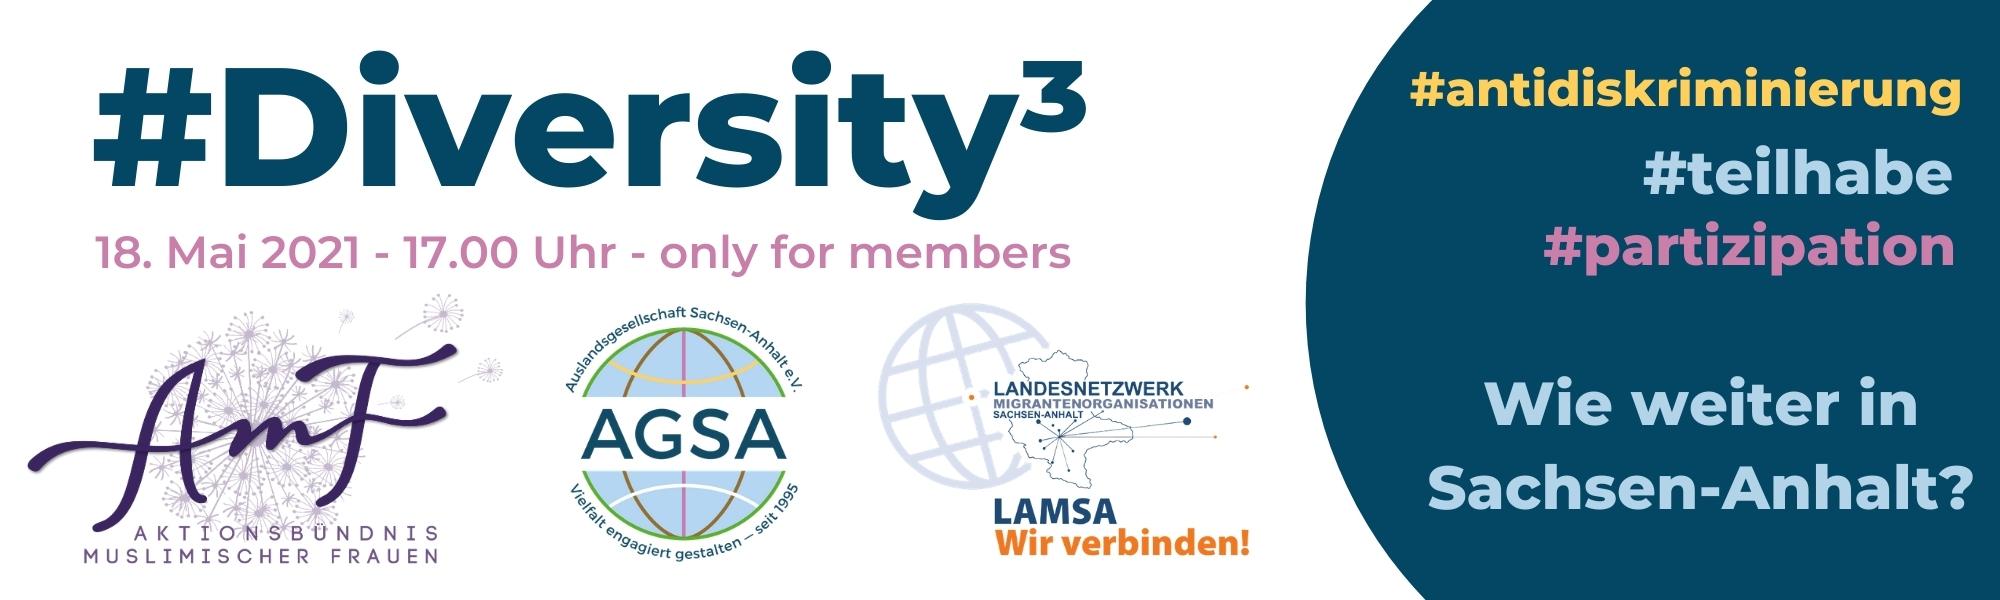 #Diversity³ #antidiskriminierung #teilhabe #partizipation – Wie weiter in Sachsen-Anhalt?